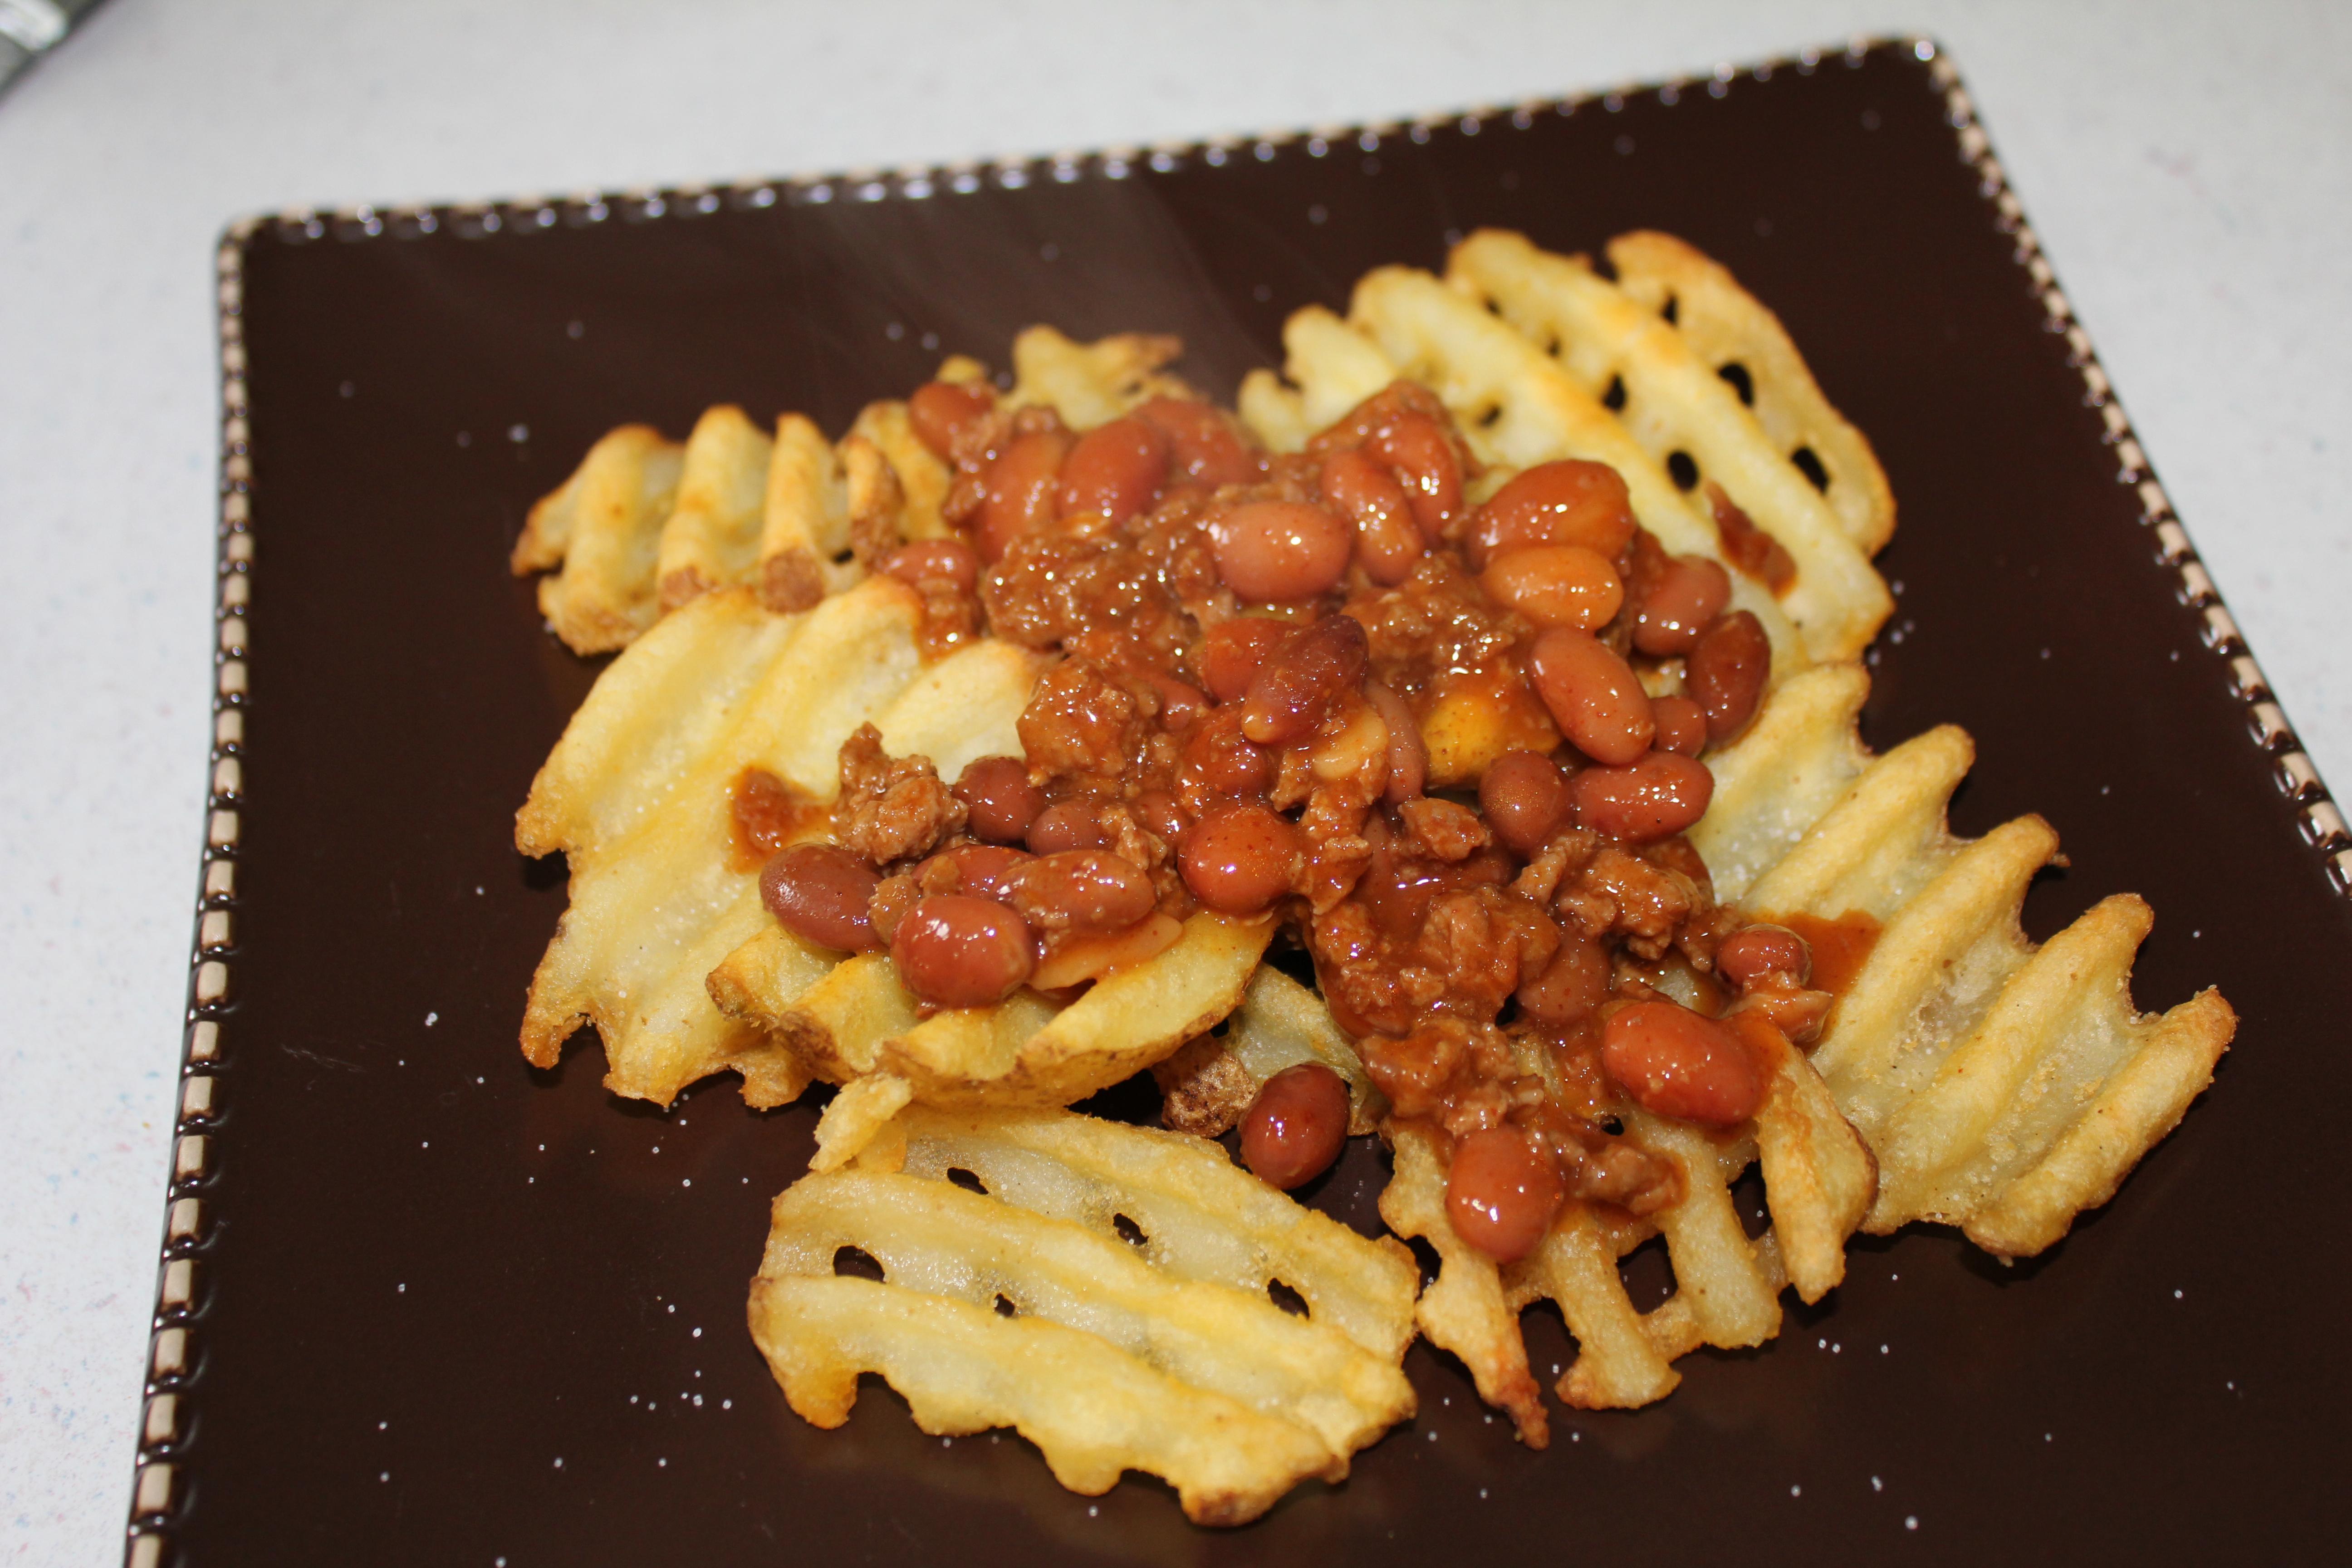 cowboy nachos add beans